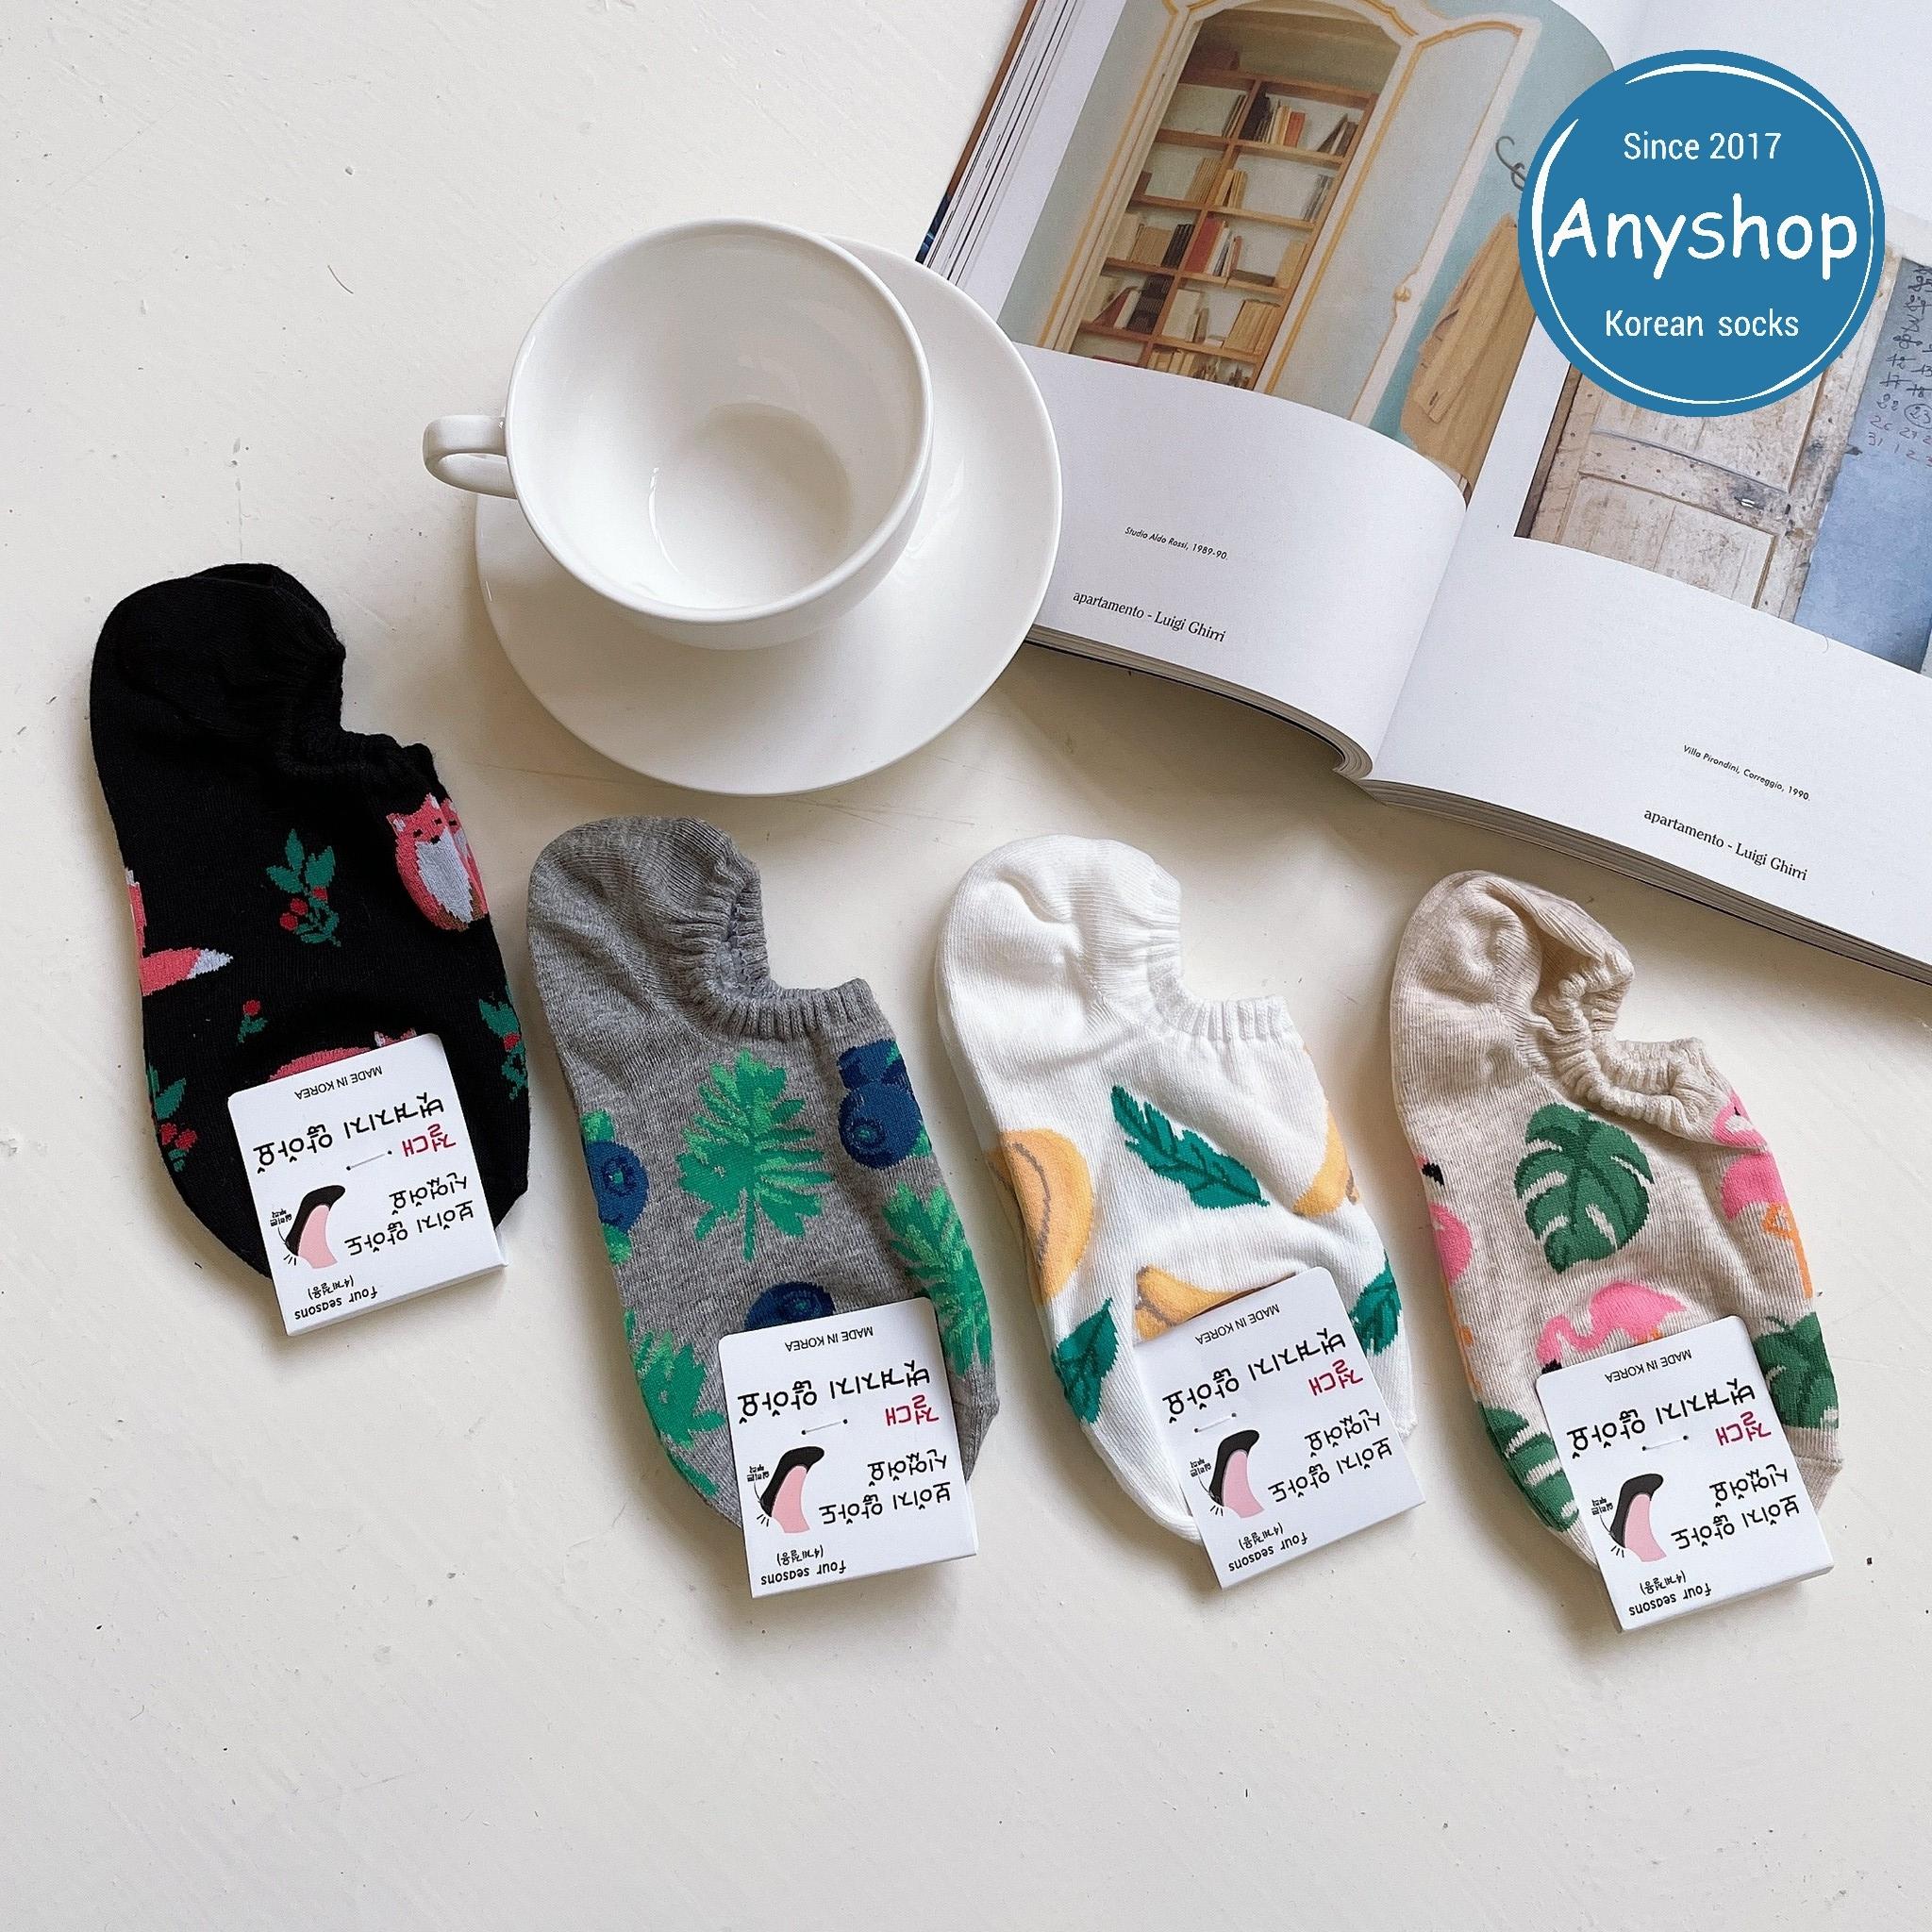 韓國襪-[Anyshop]夏季植物動物極短襪